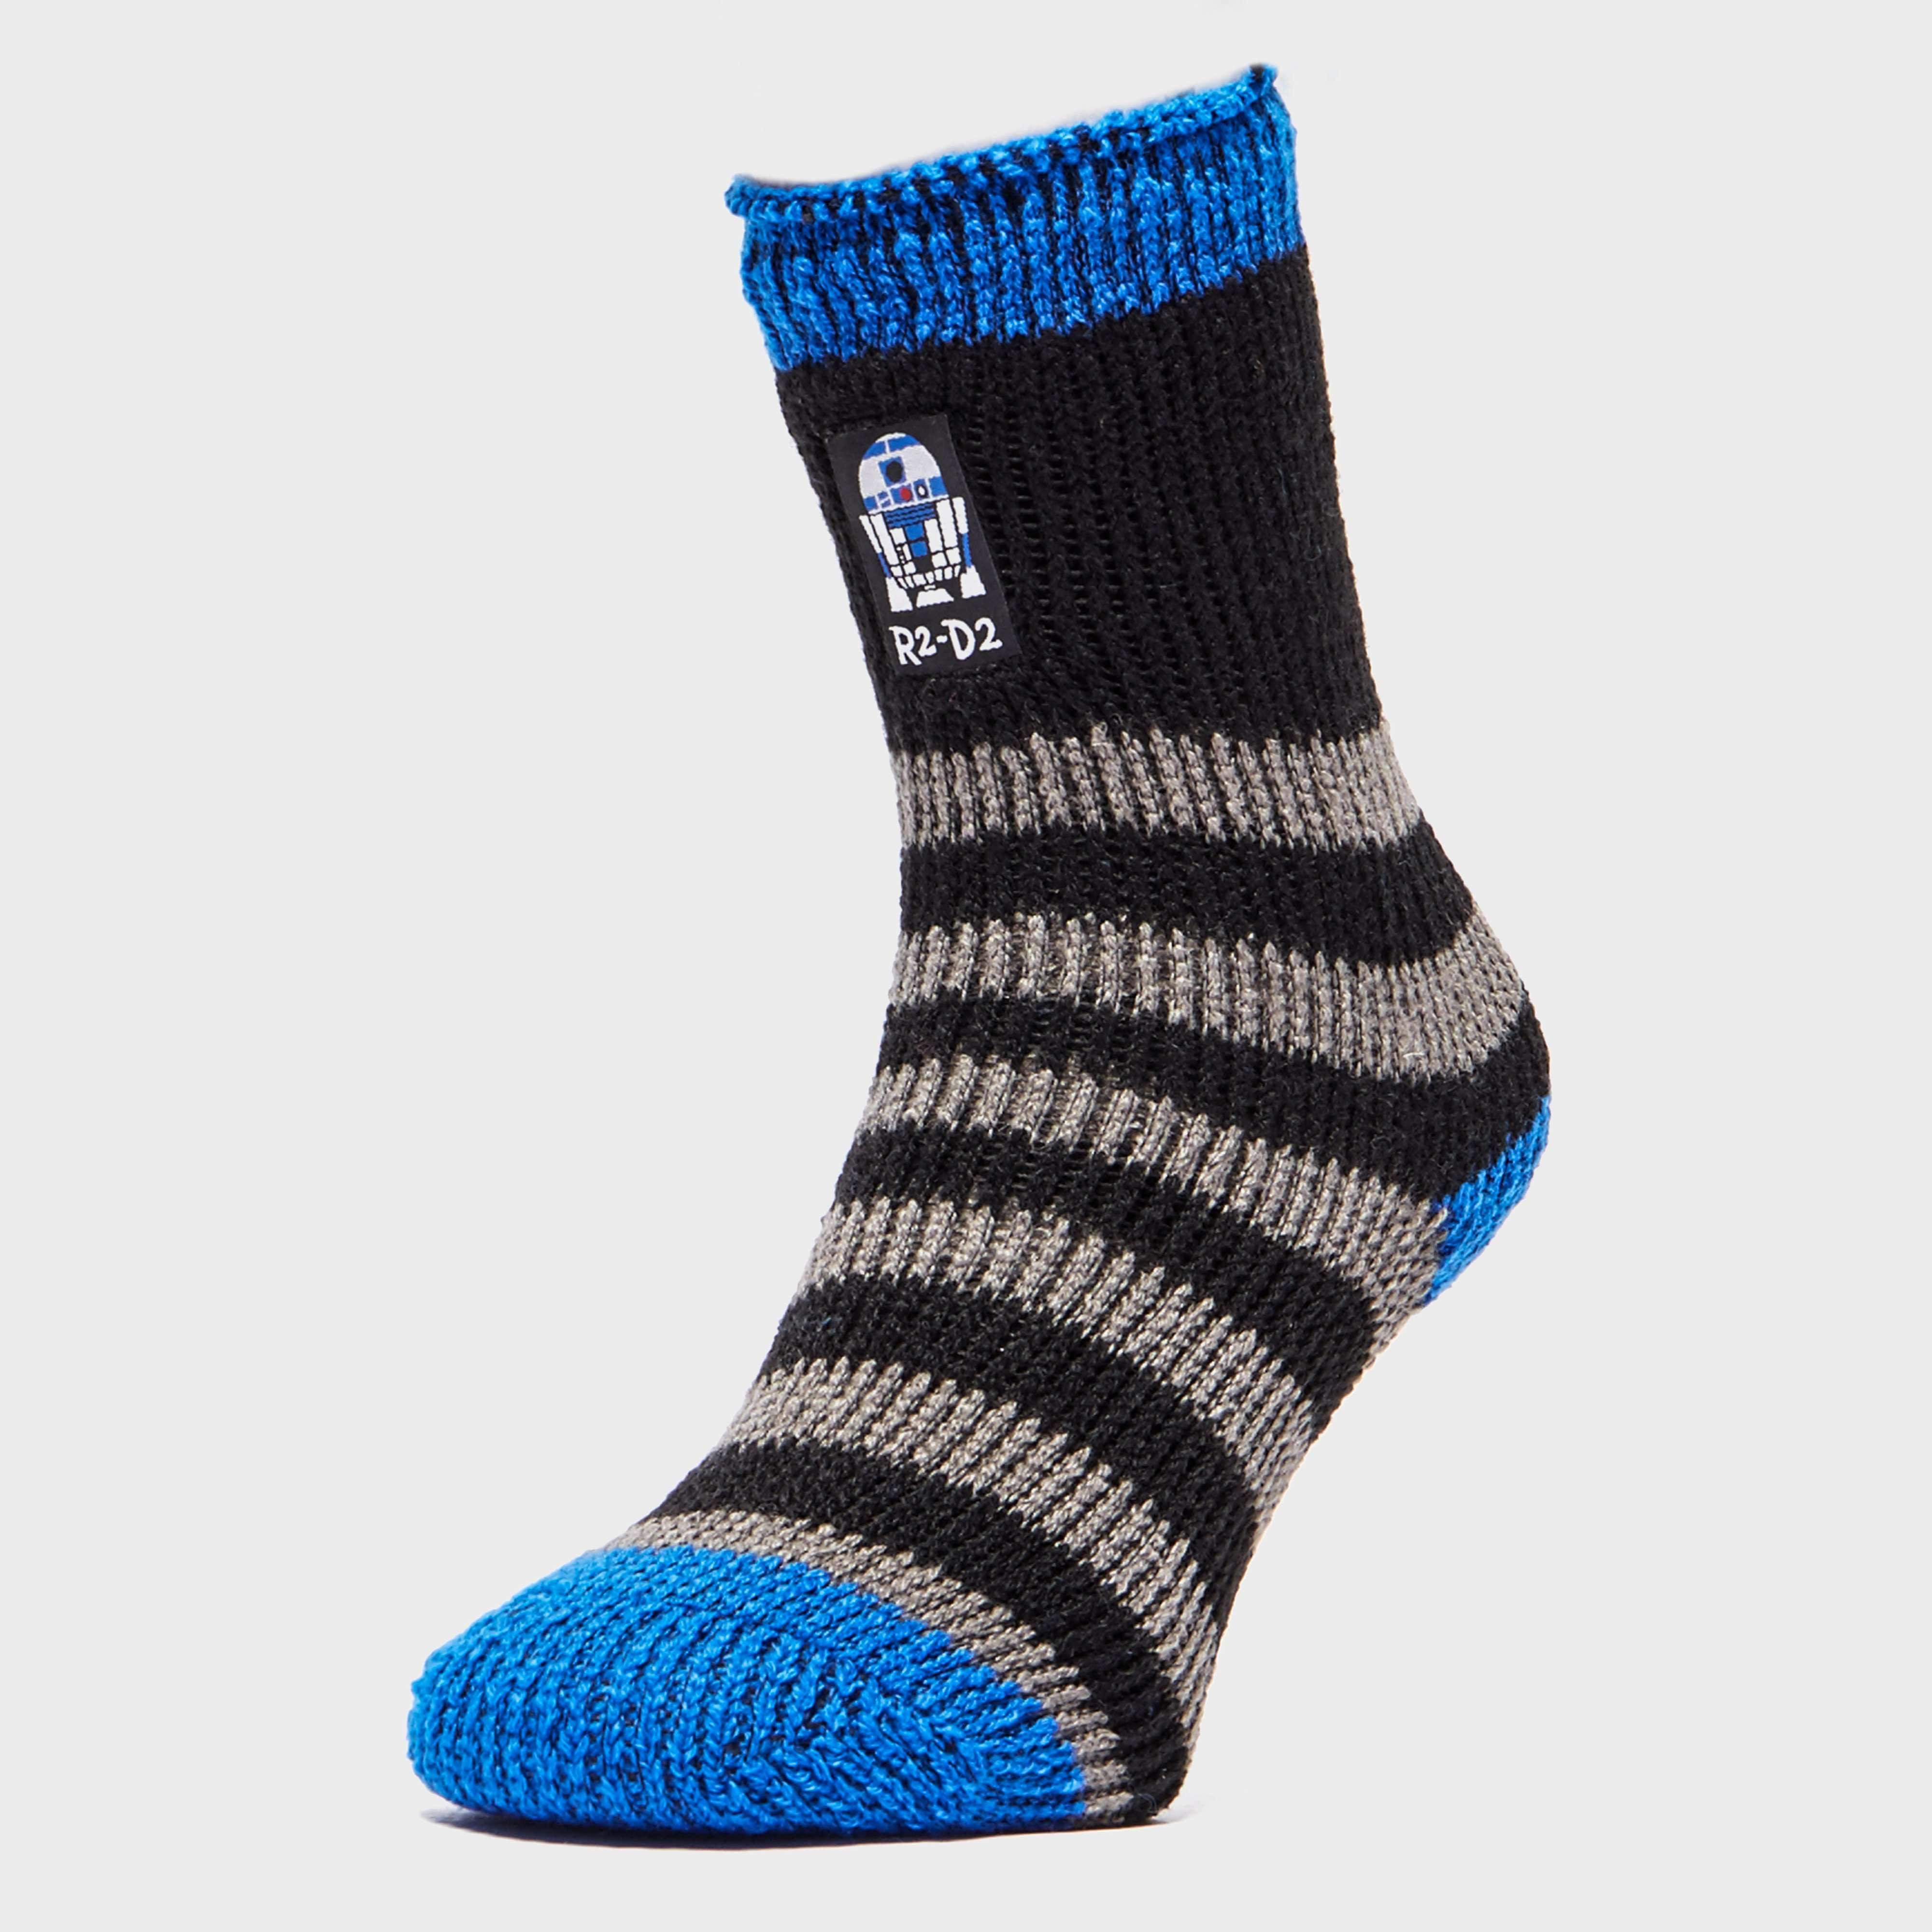 HEAT HOLDERS Boy's Star Wars Slipper Socks